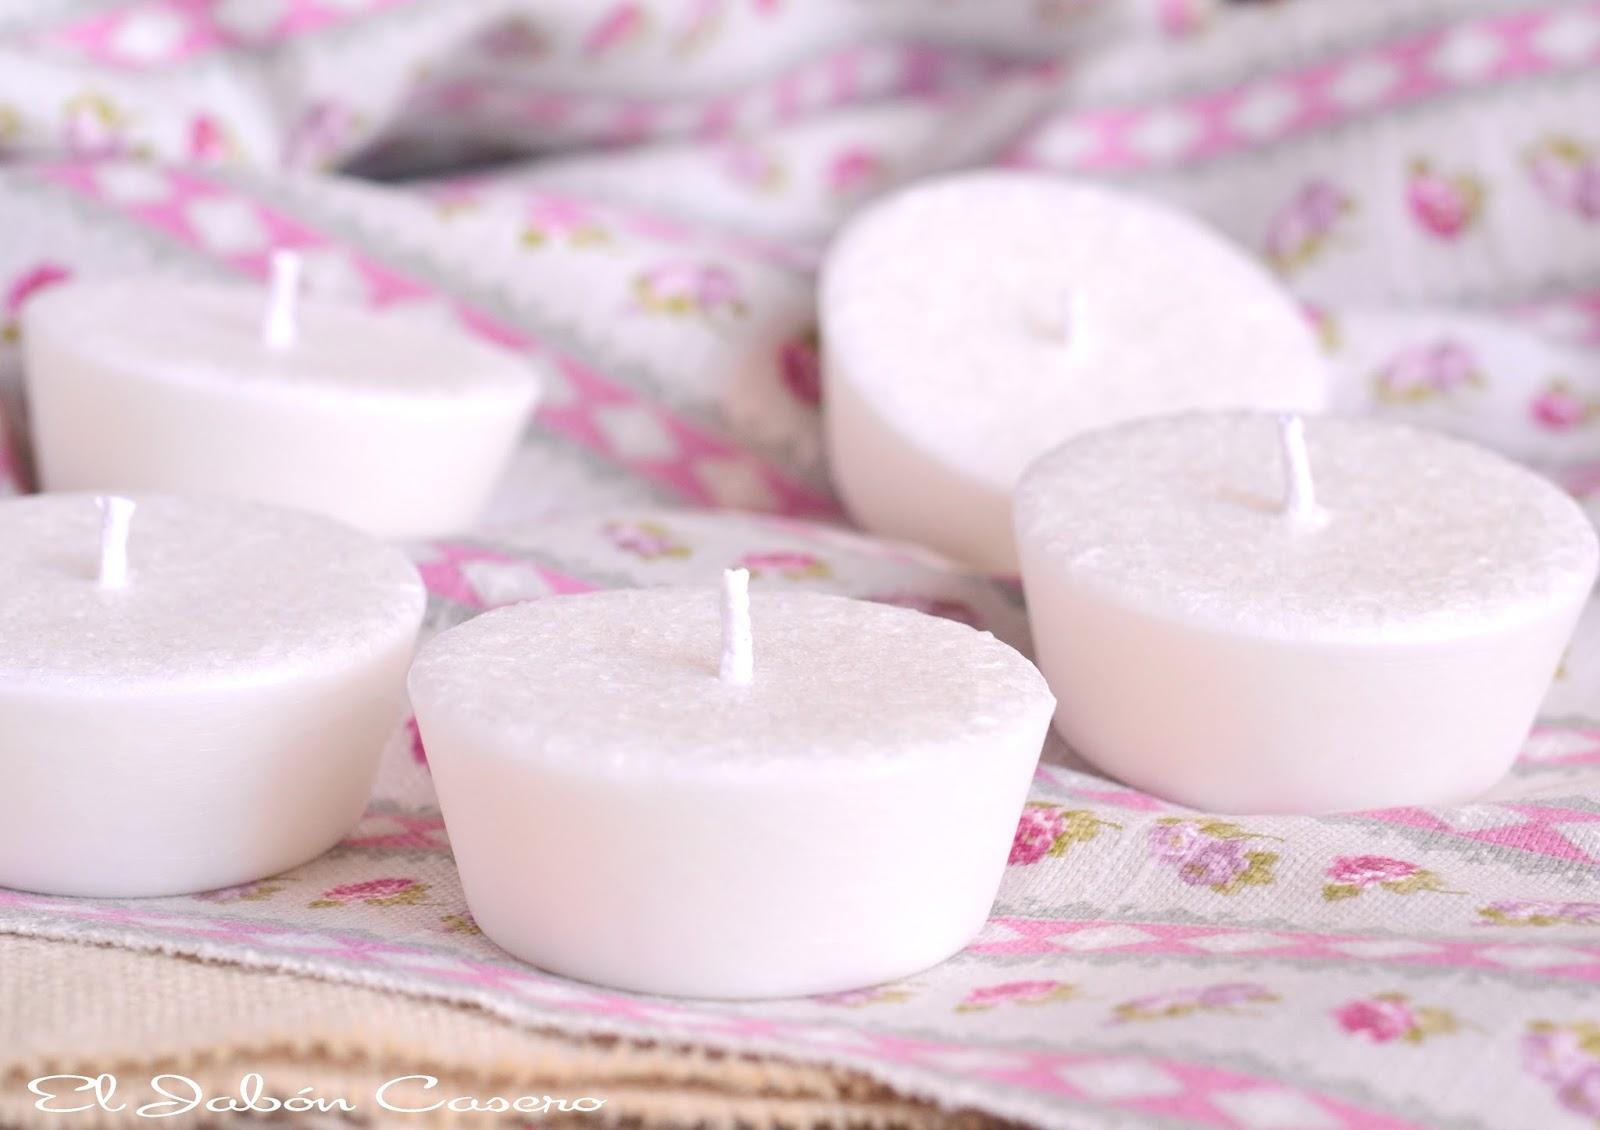 detalles boda velas naturales vainilla